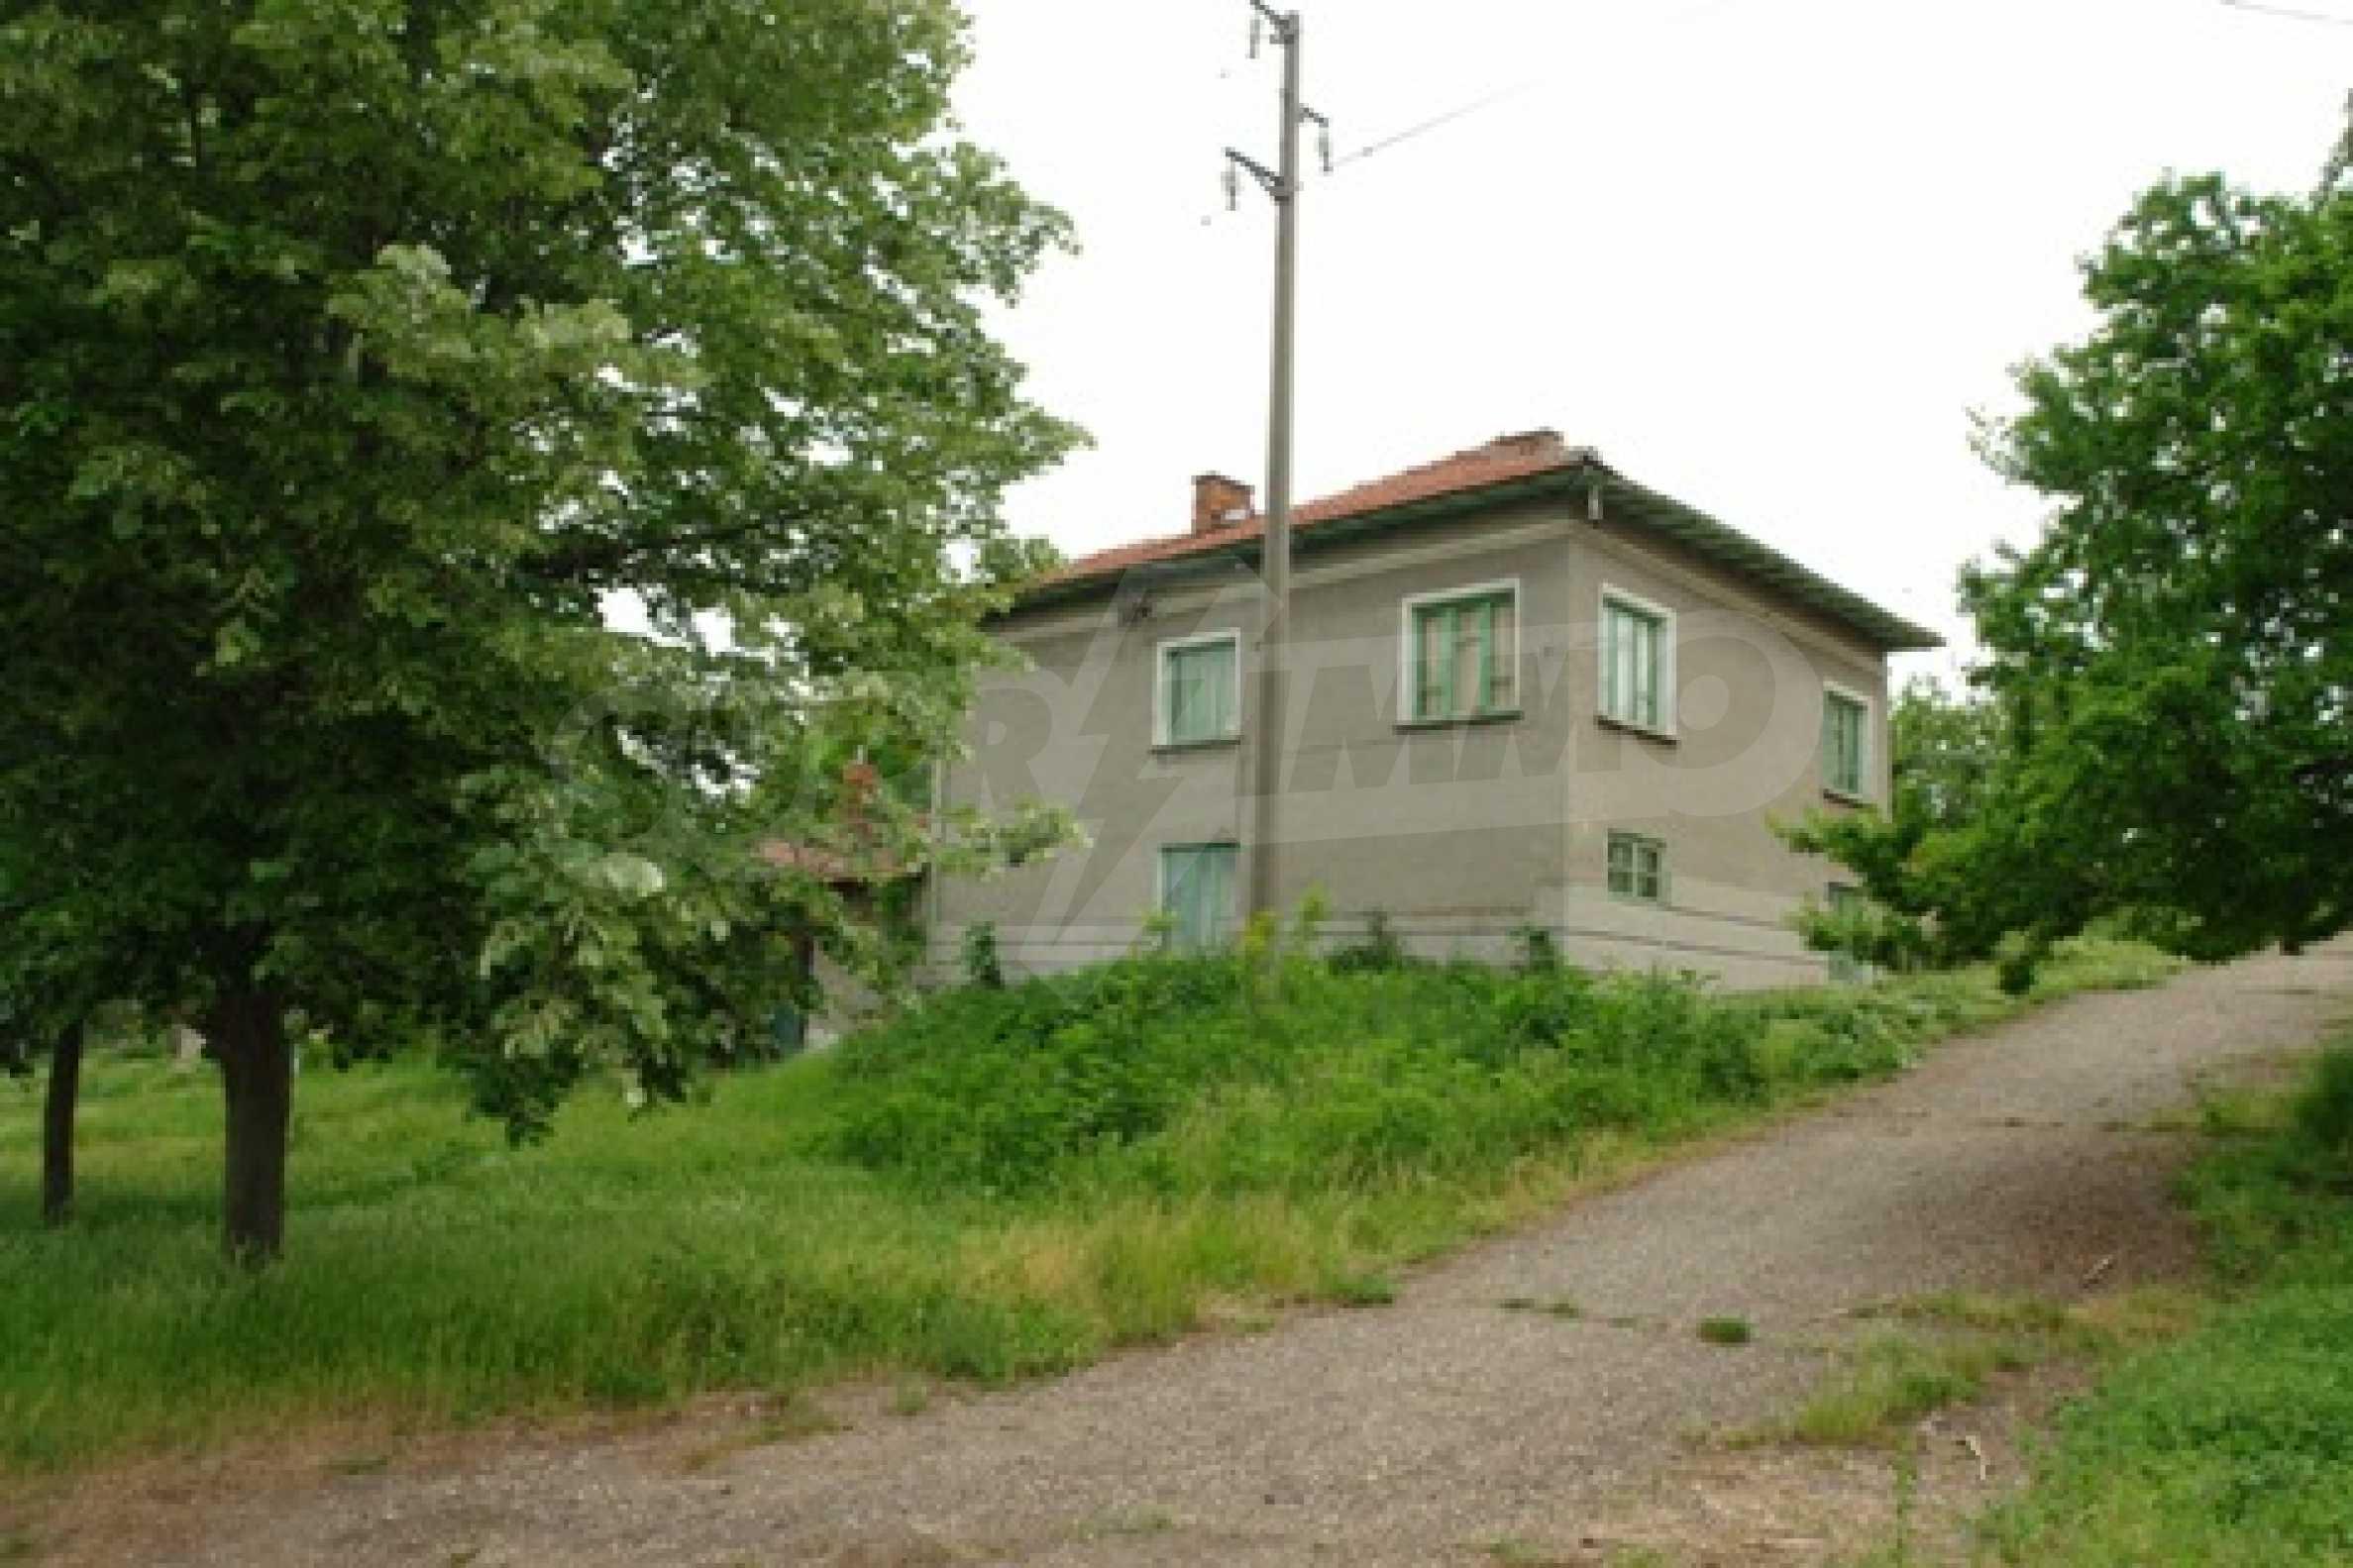 Geräumiges zweistöckiges Haus mit 4 Schlafzimmern im Dorf Trustenik, Rousse 2